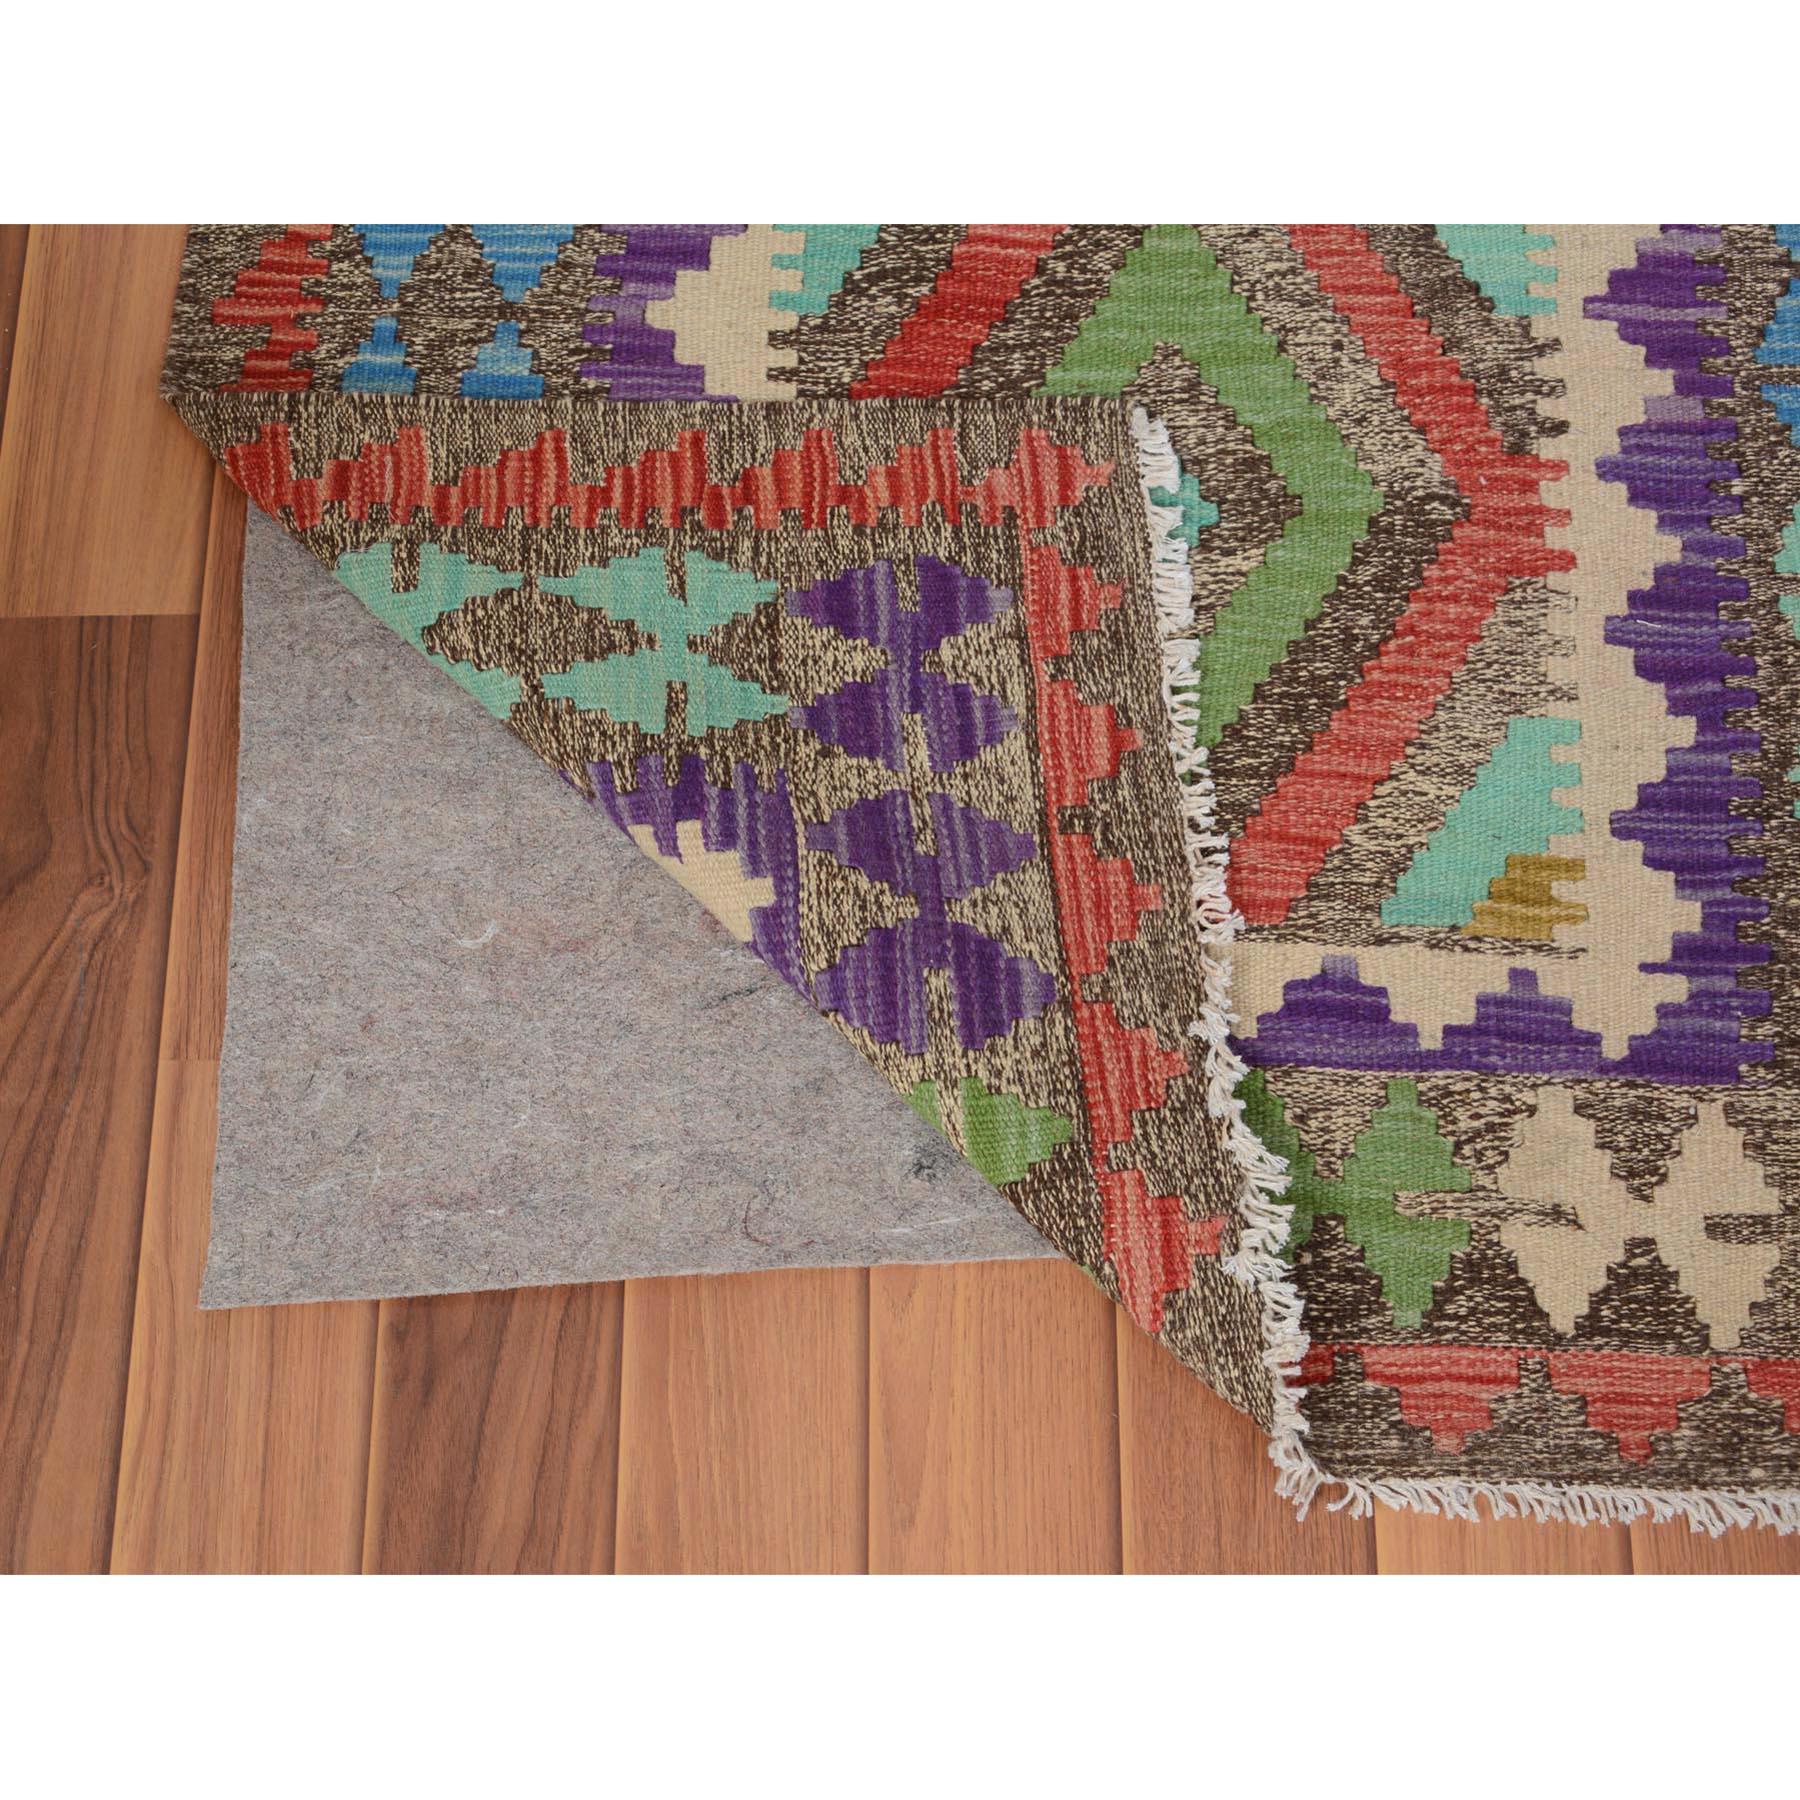 2-9 x4- Colorful Reversible Flat Weave Afghan Kilim 100% Wool Hand Woven Oriental Rug